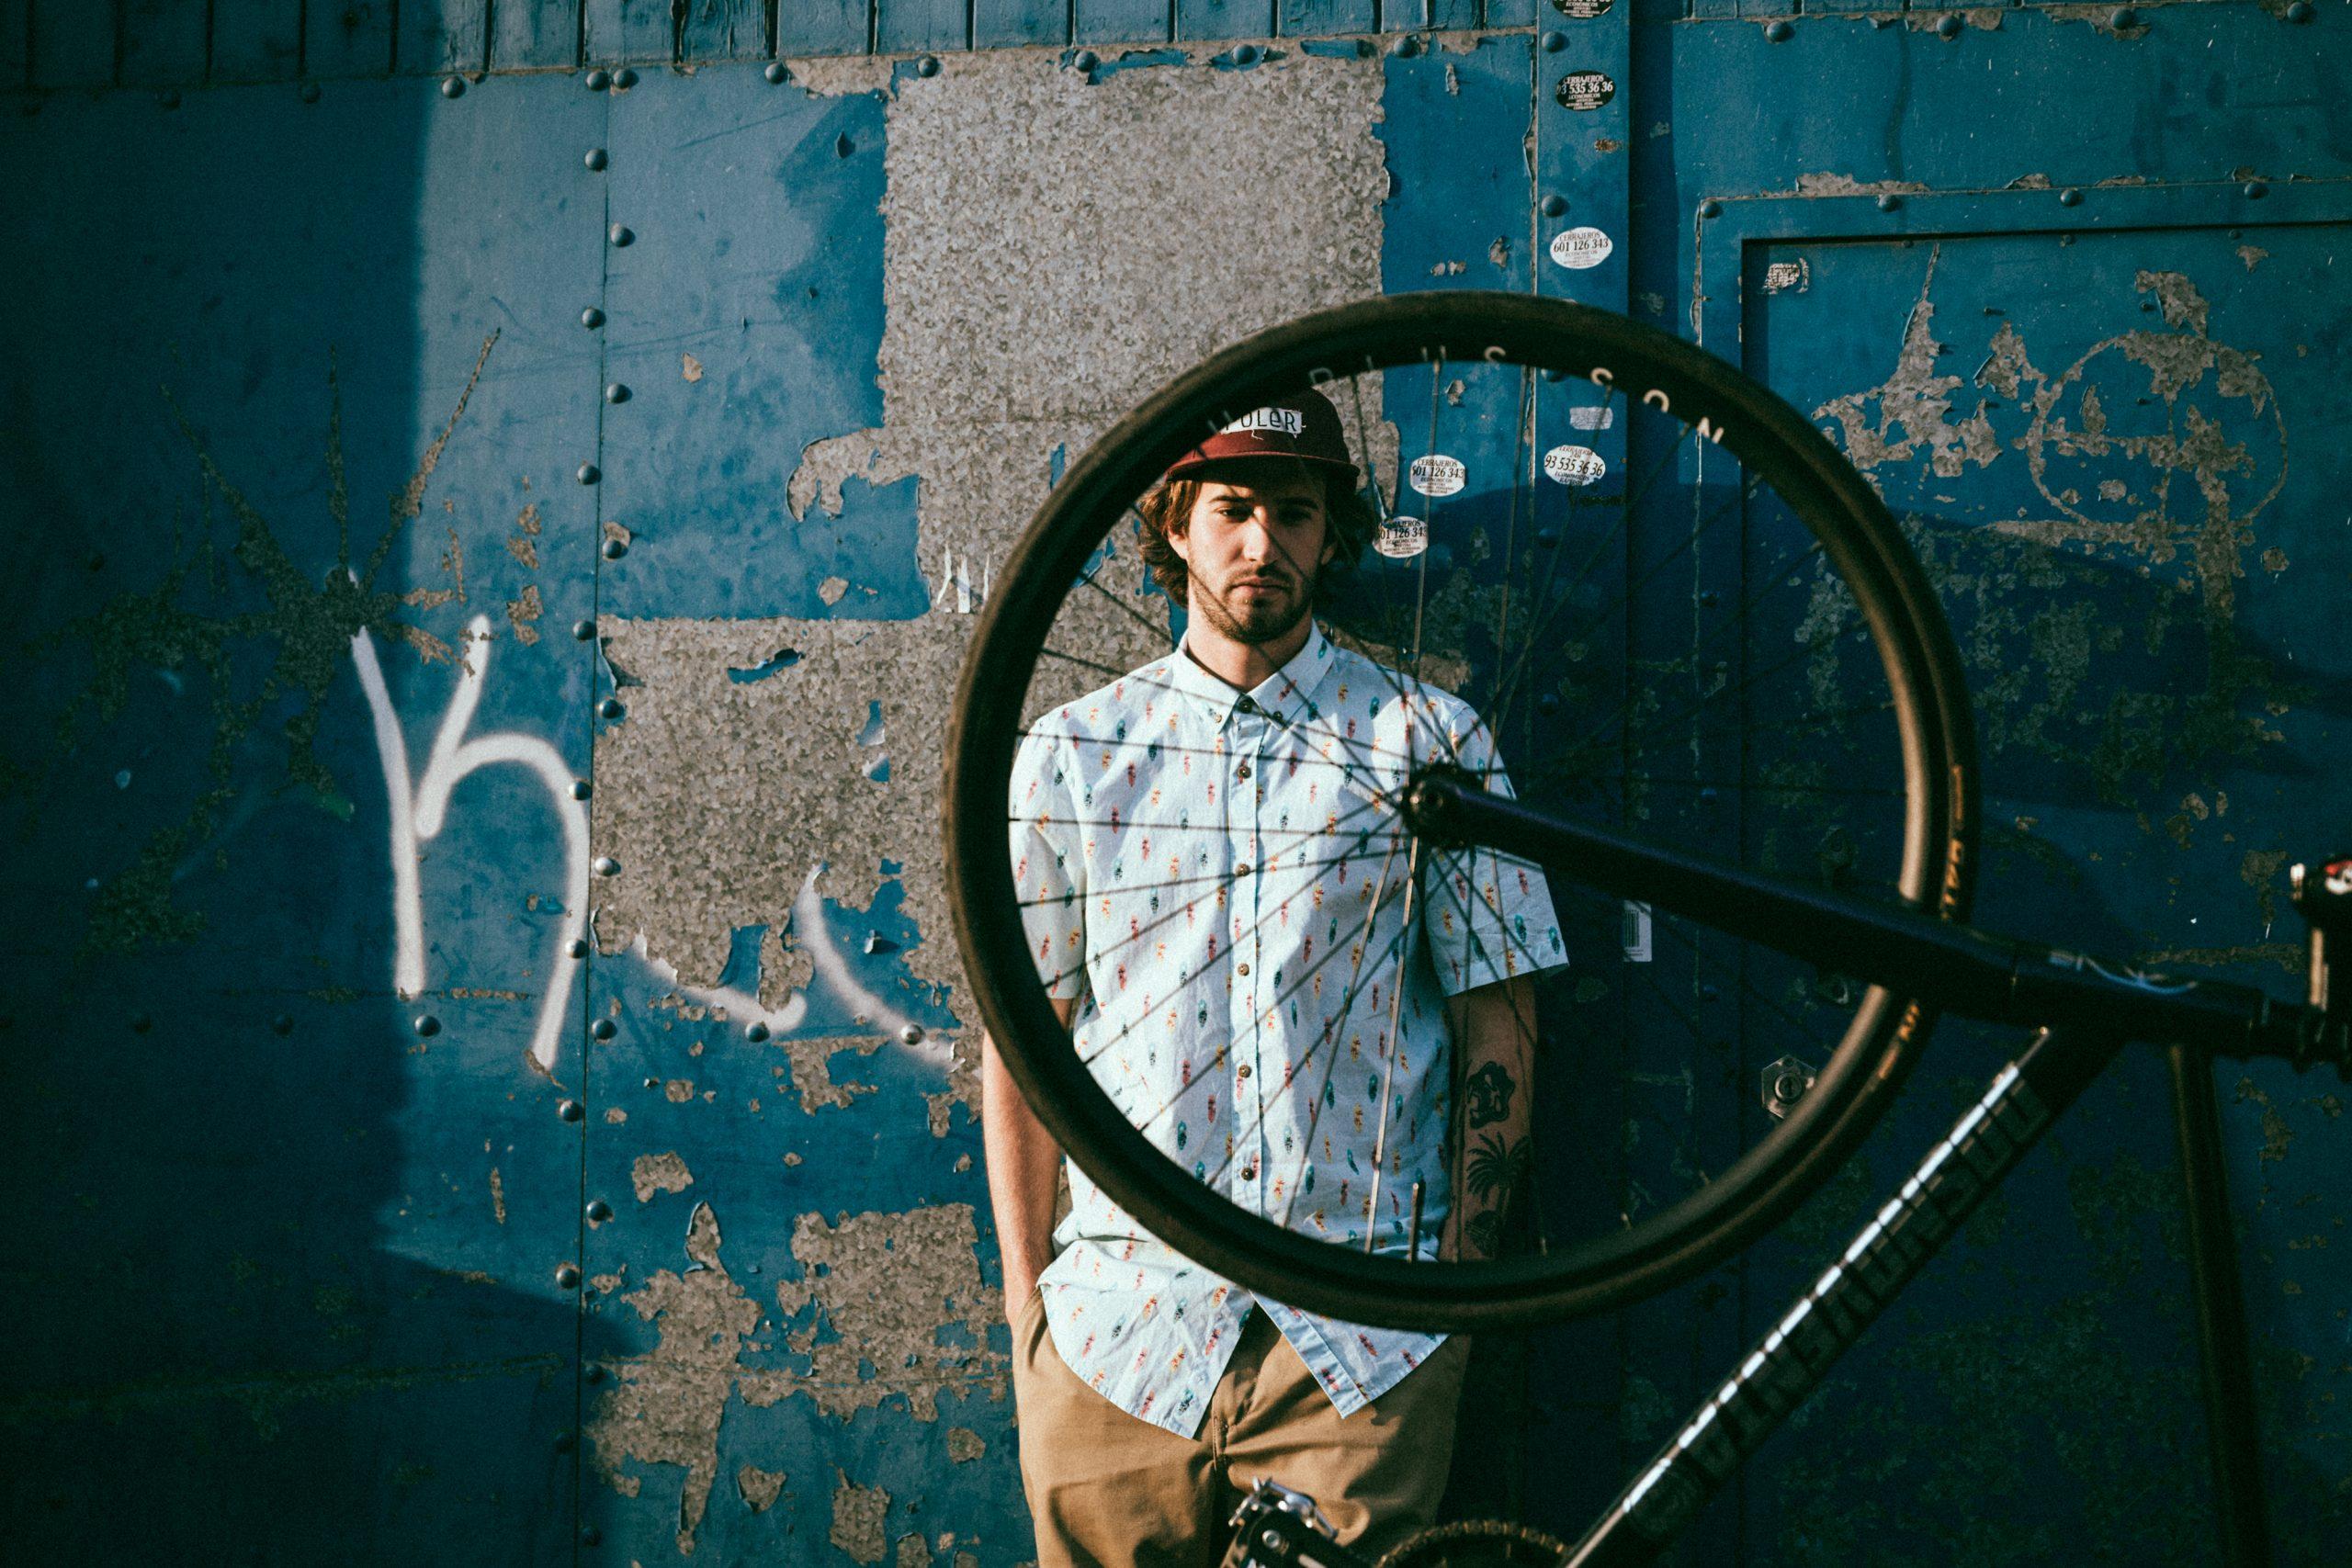 fotografia-redes-sociales-2